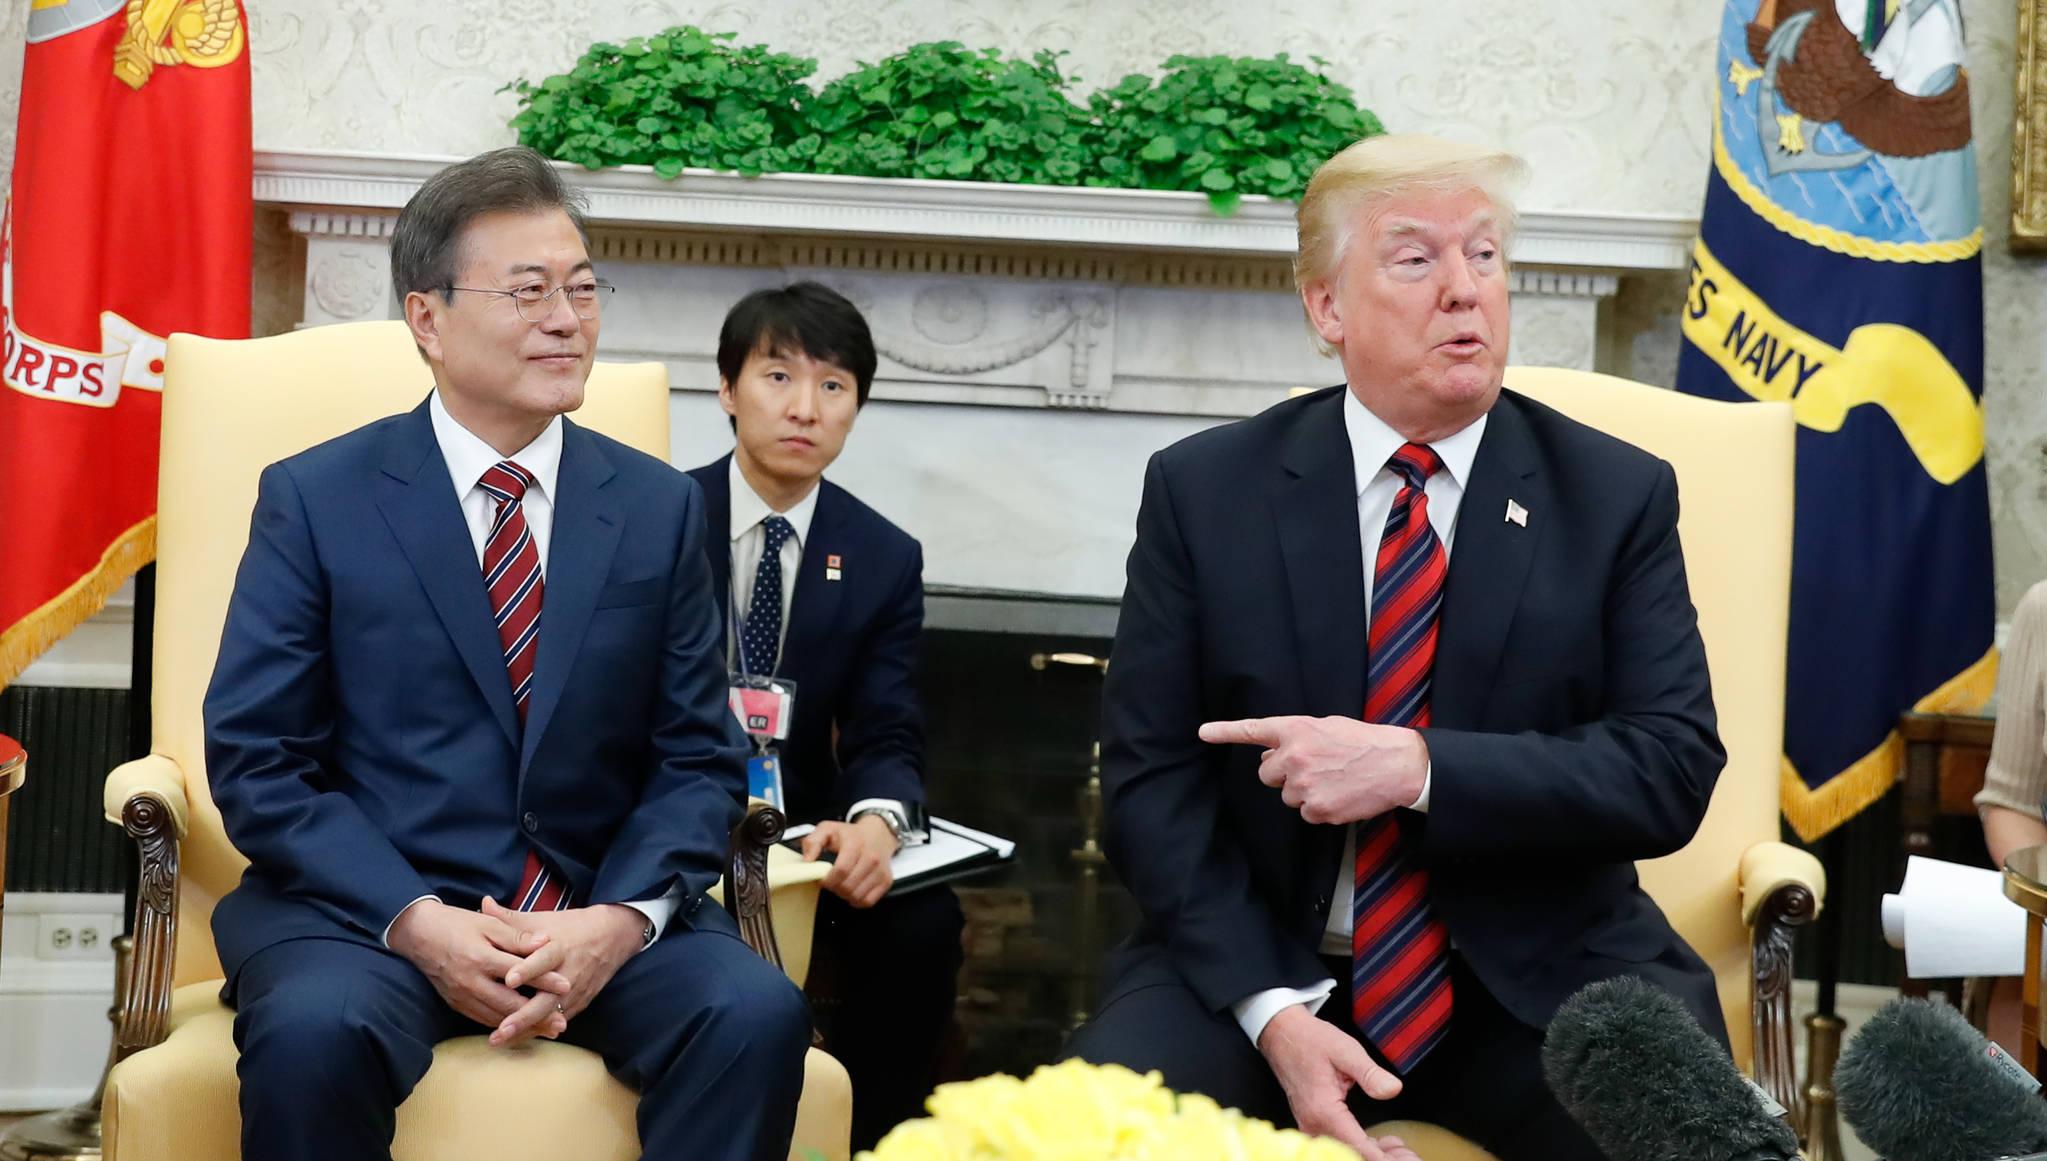 한미정상회담차 미국을 방문중인 문재인 대통령이 22일 오전(현지시간) 백악관 오벌오피스에서 미국 트럼프 대통령과 정상회담을 갖고 현안에 대해 논의 했다. 청와대사진기자단